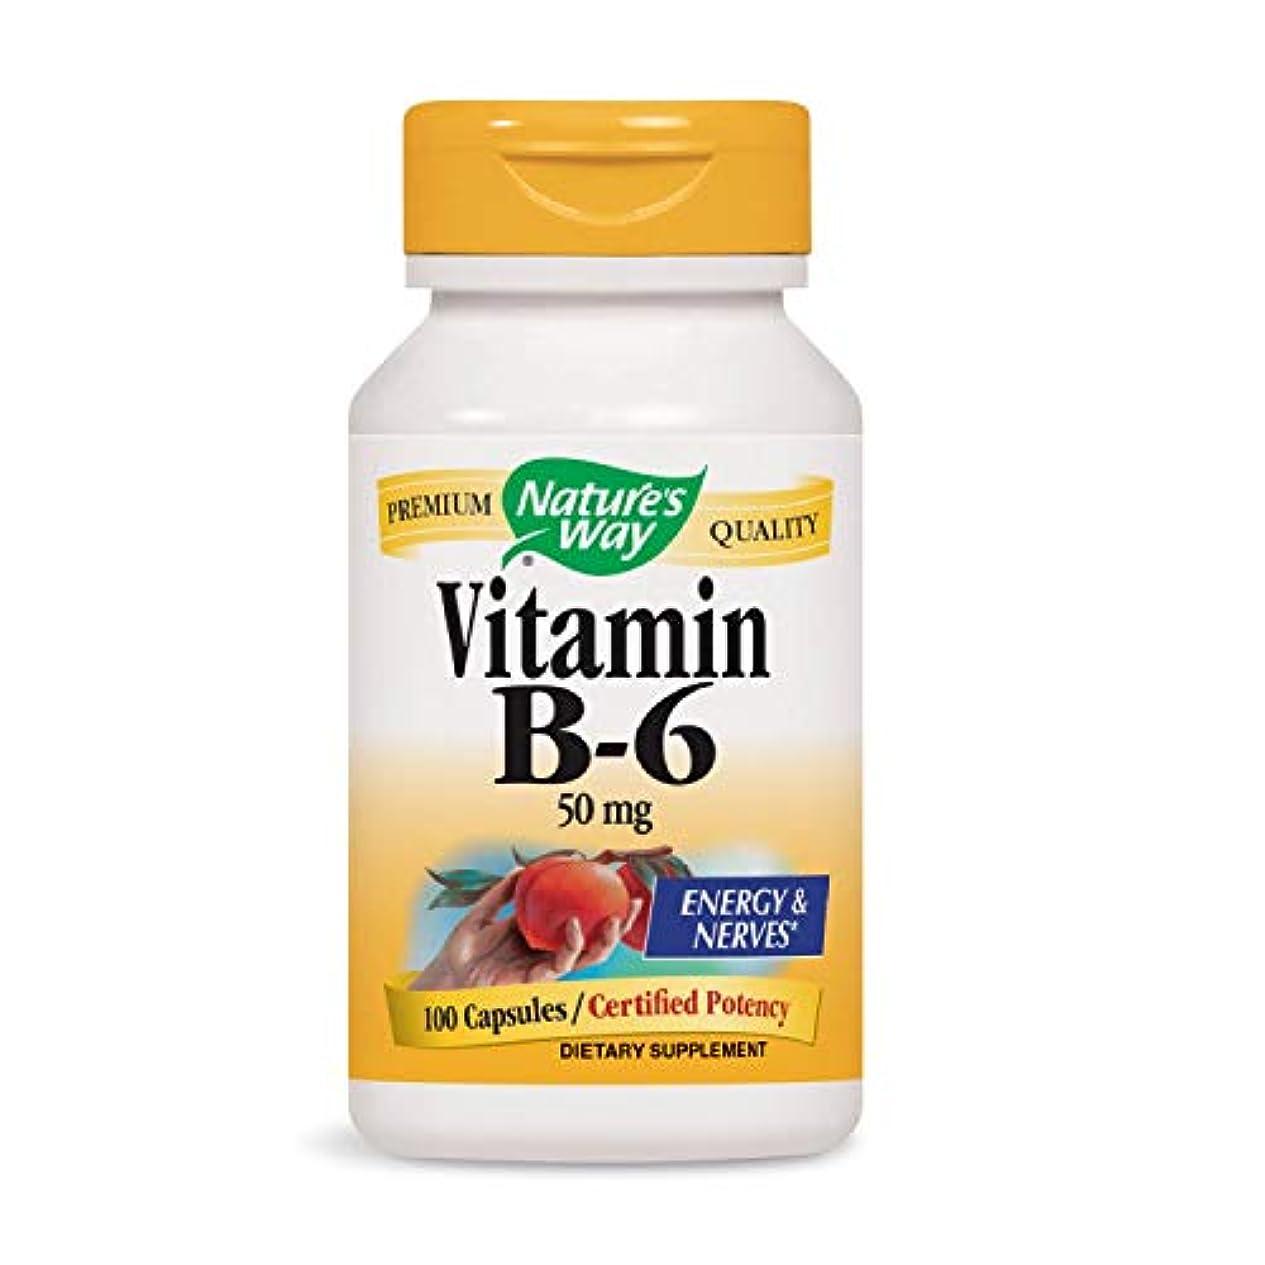 召喚する戸惑う歩行者Nature's Way - ビタミンB6 100 mg。100カプセル